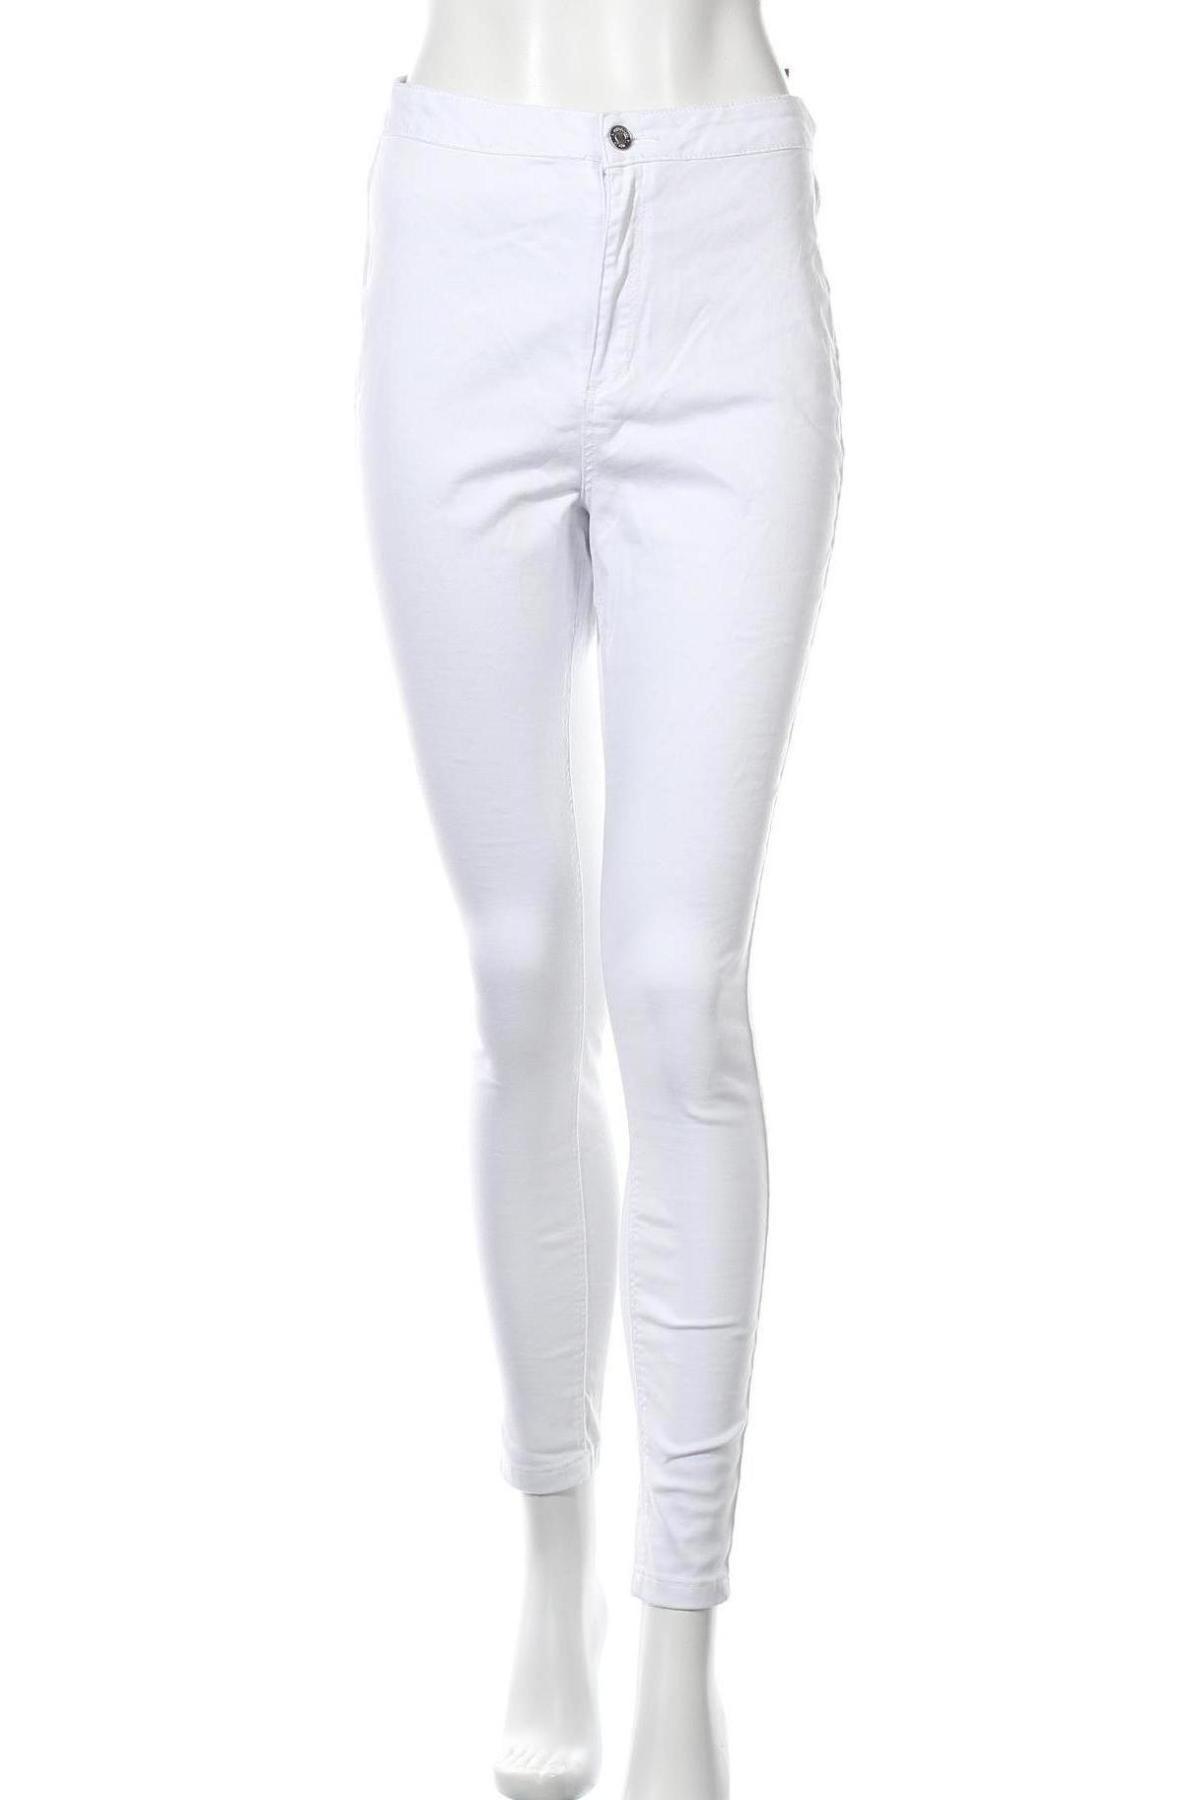 Дамски панталон Missguided, Размер L, Цвят Бял, 98% памук, 2% еластан, Цена 42,00лв.